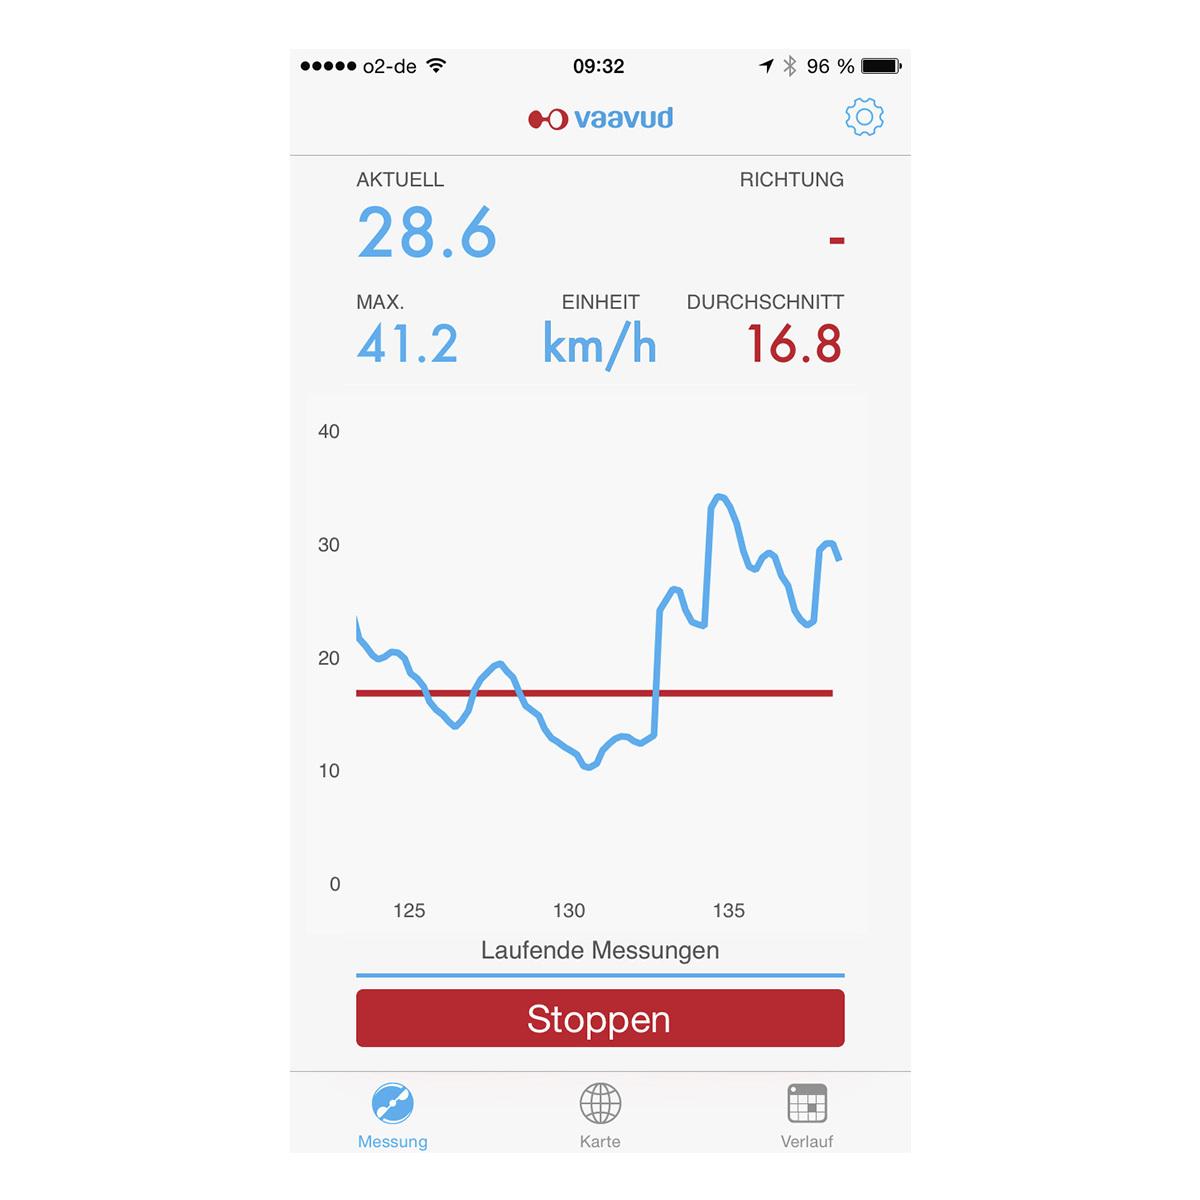 42-6002-05-windmesser-für-smartphones-vaavud-app-anwendung2-1200x1200px.jpg